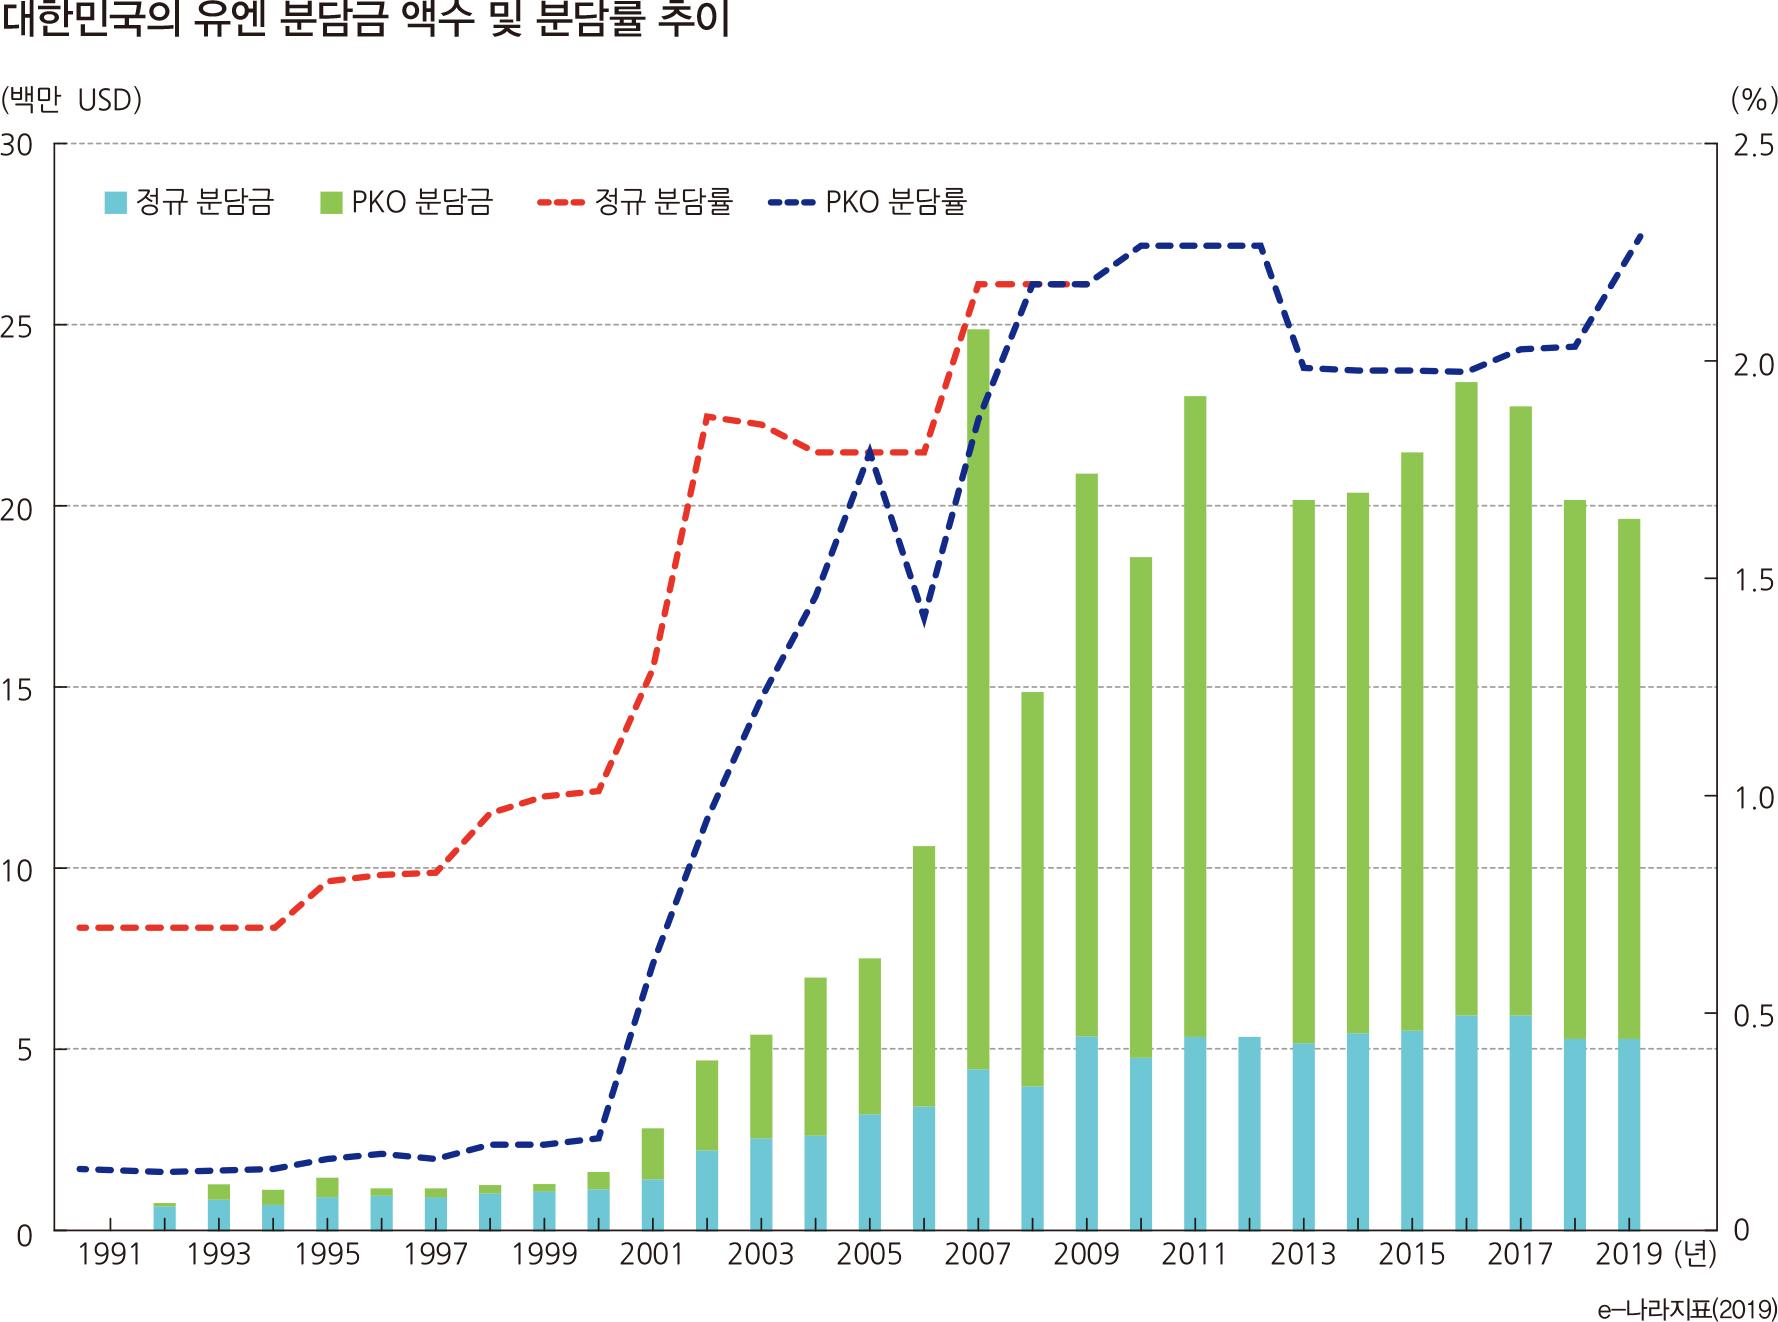 대한민국의 유엔 분담금 액수 및 분담률 추이